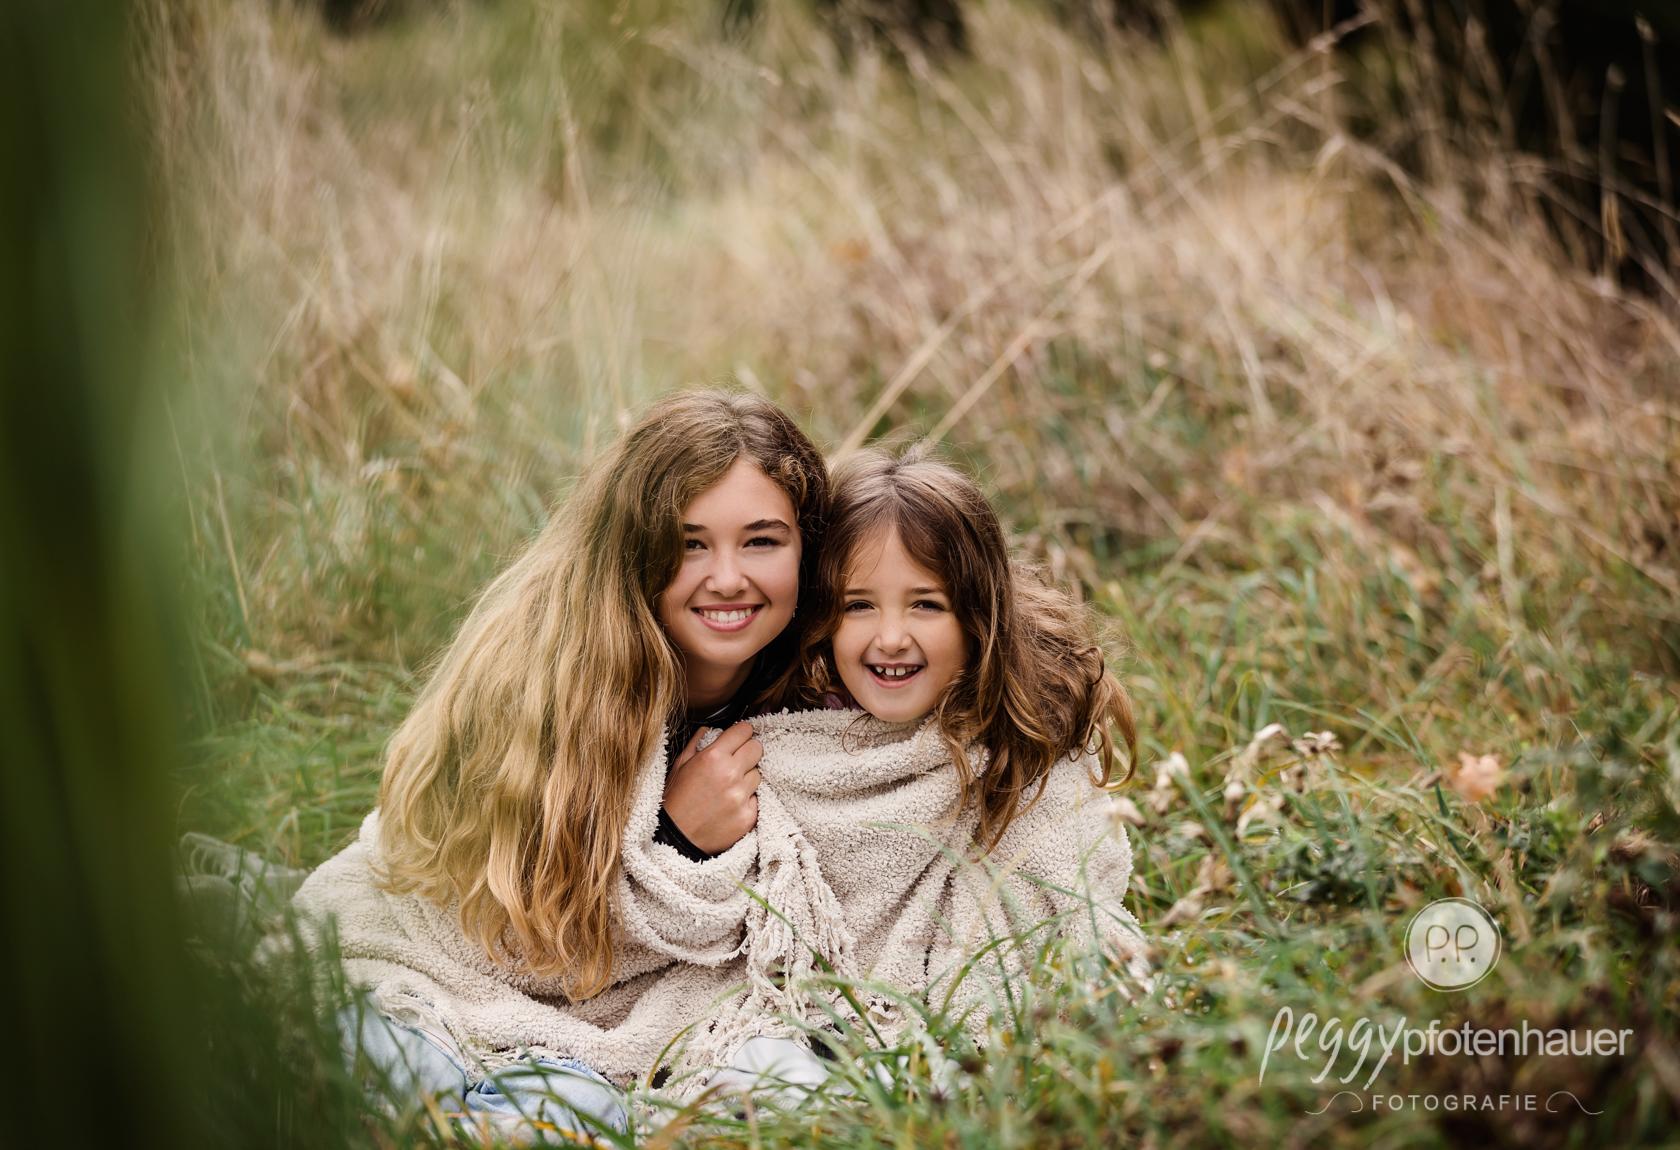 Geschwisterfotos im Garten